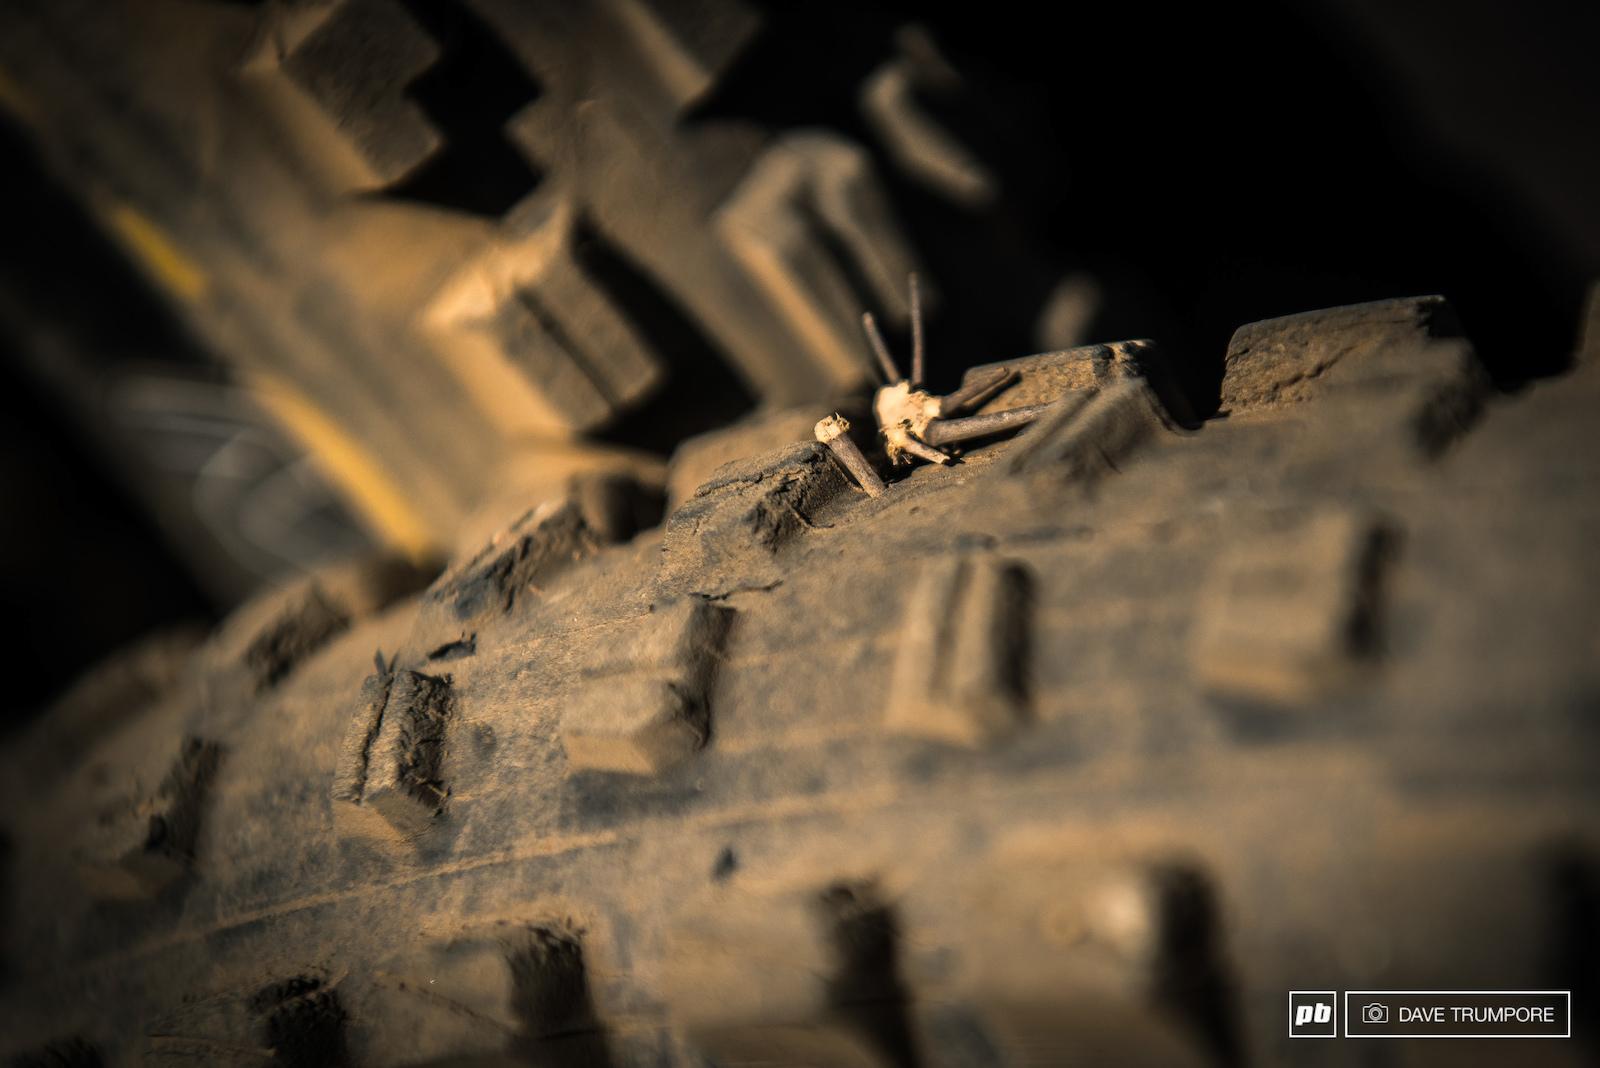 Tire vs. cactus